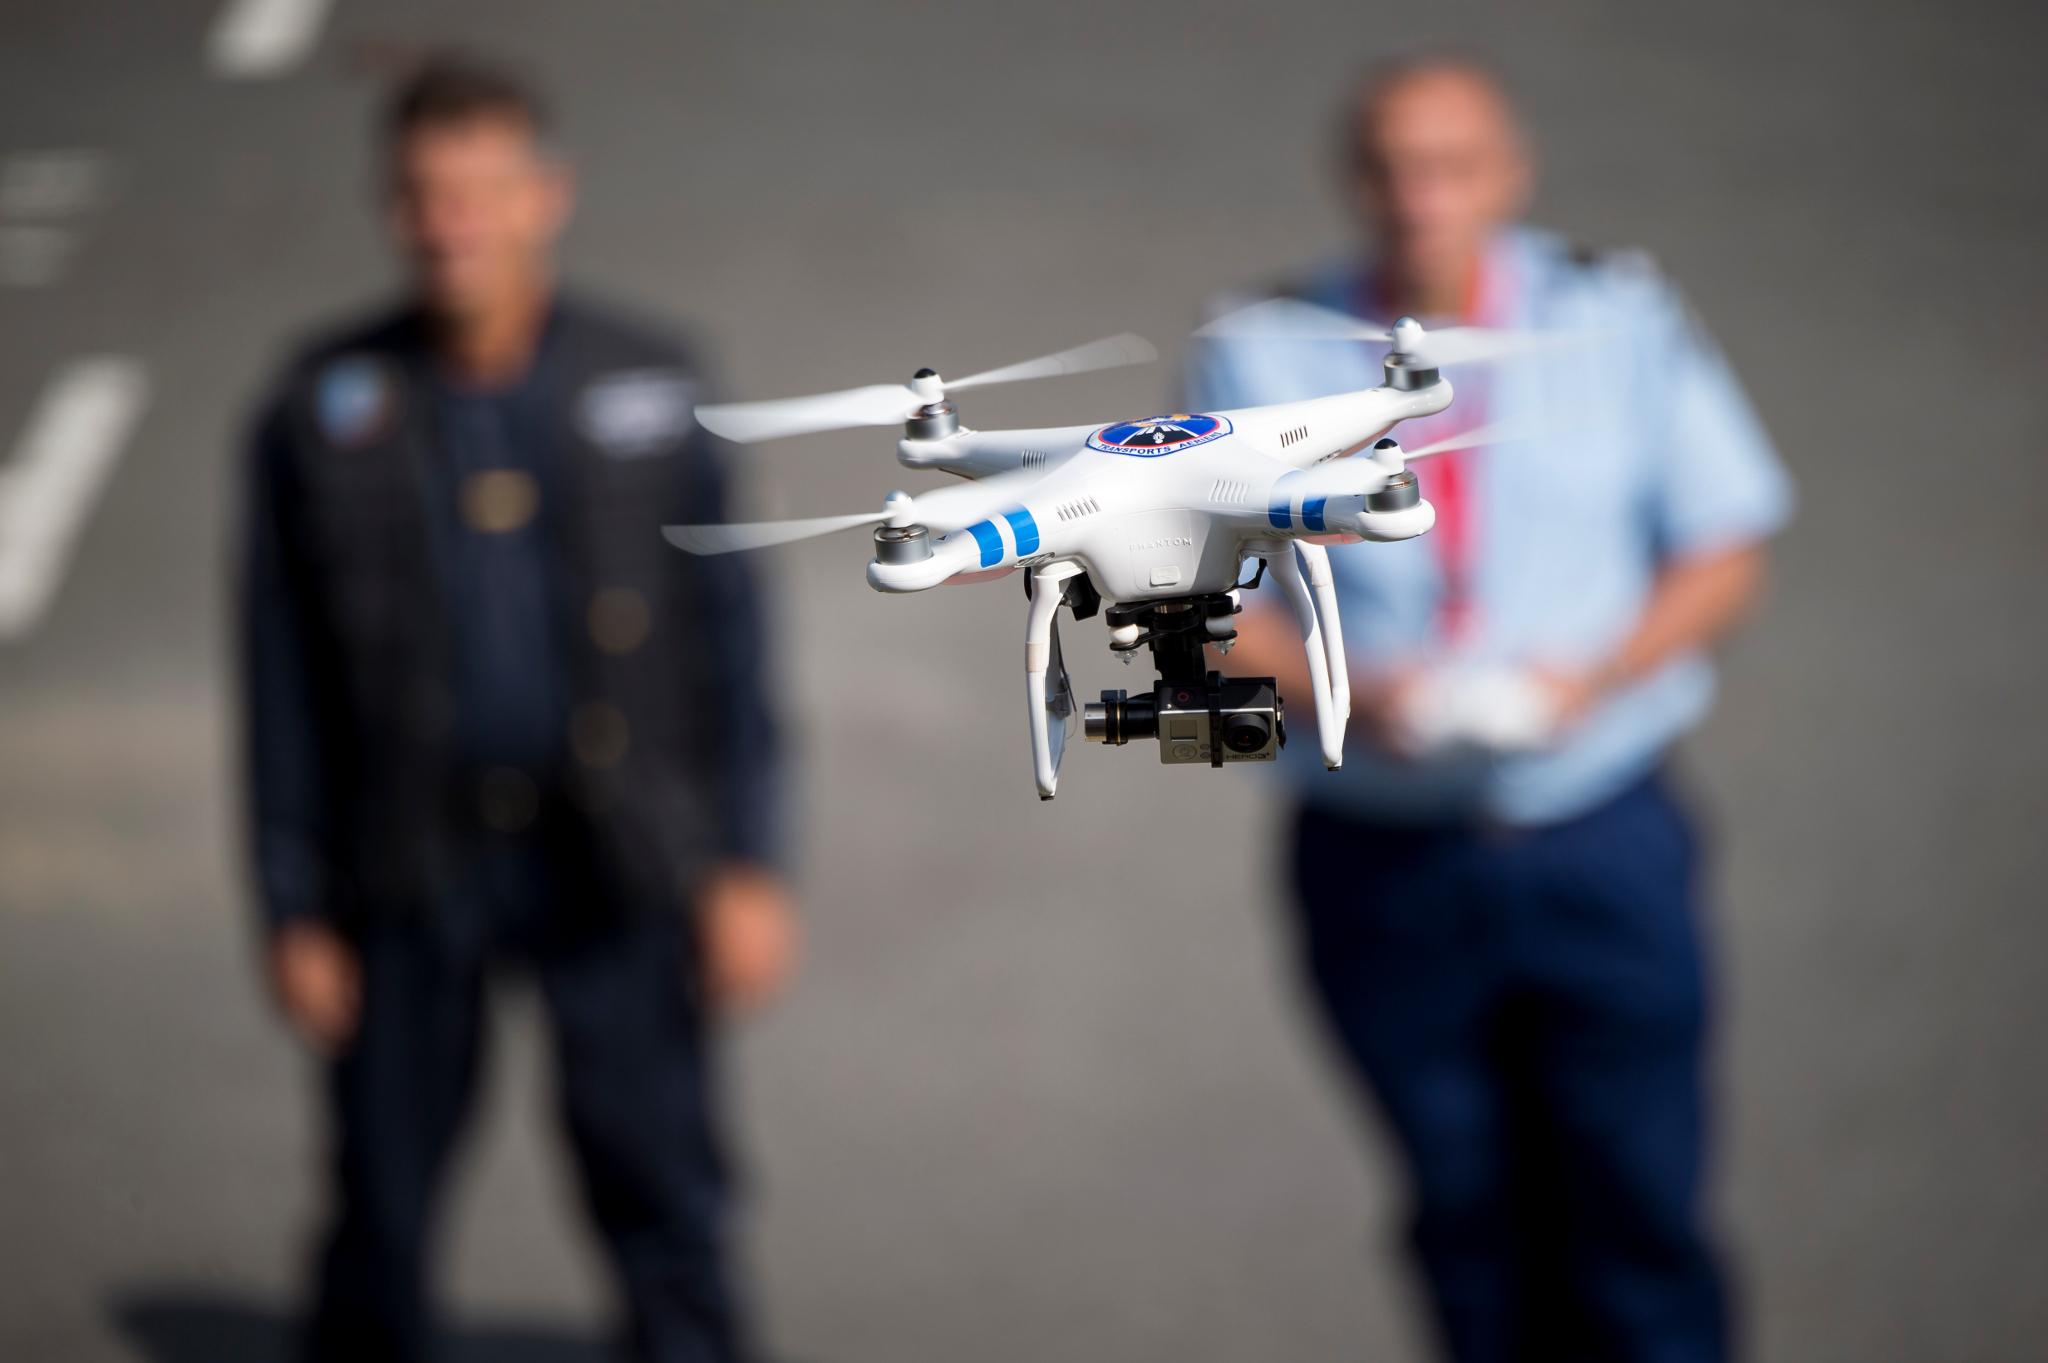 En France, des drones pour lutter contre l'insécurité routière